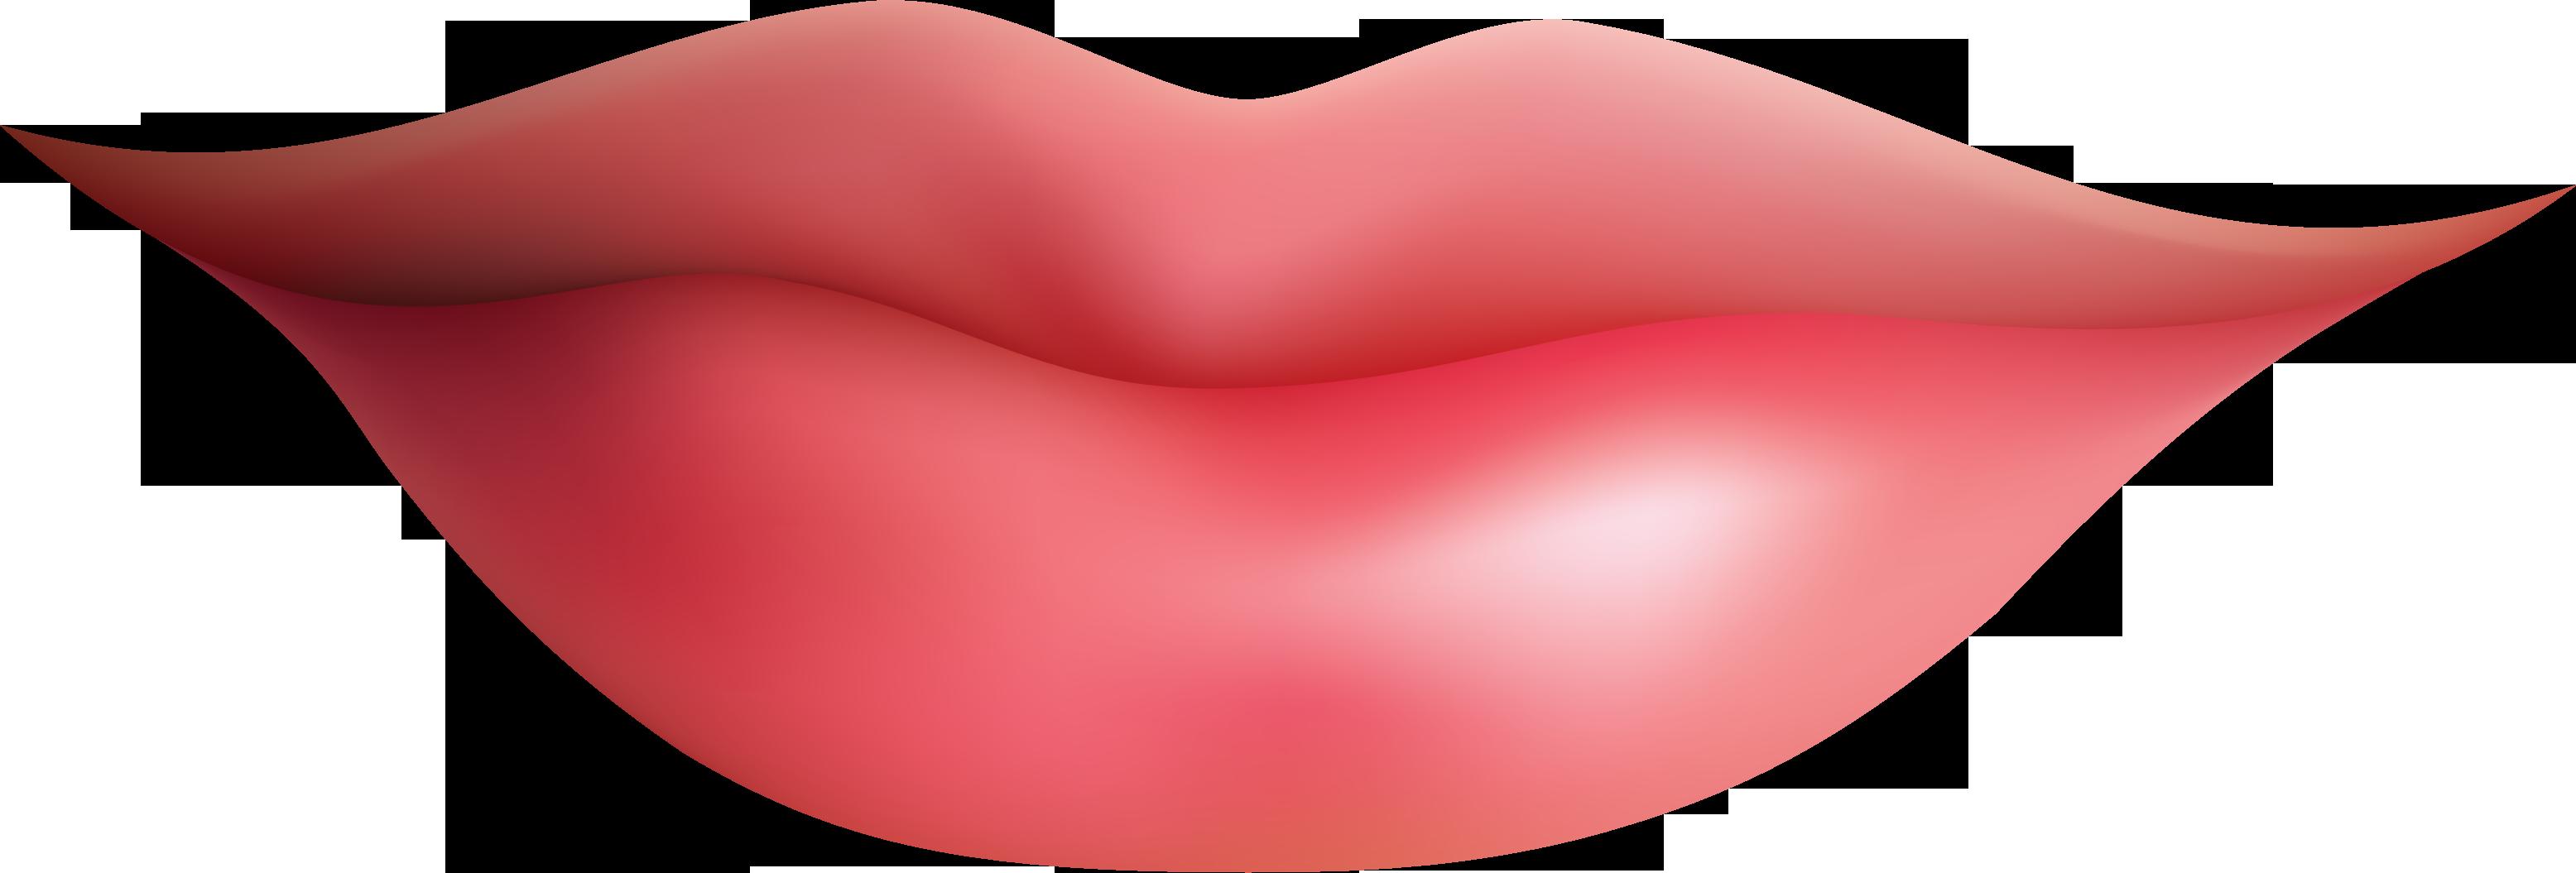 Lip PNG HD - 131530